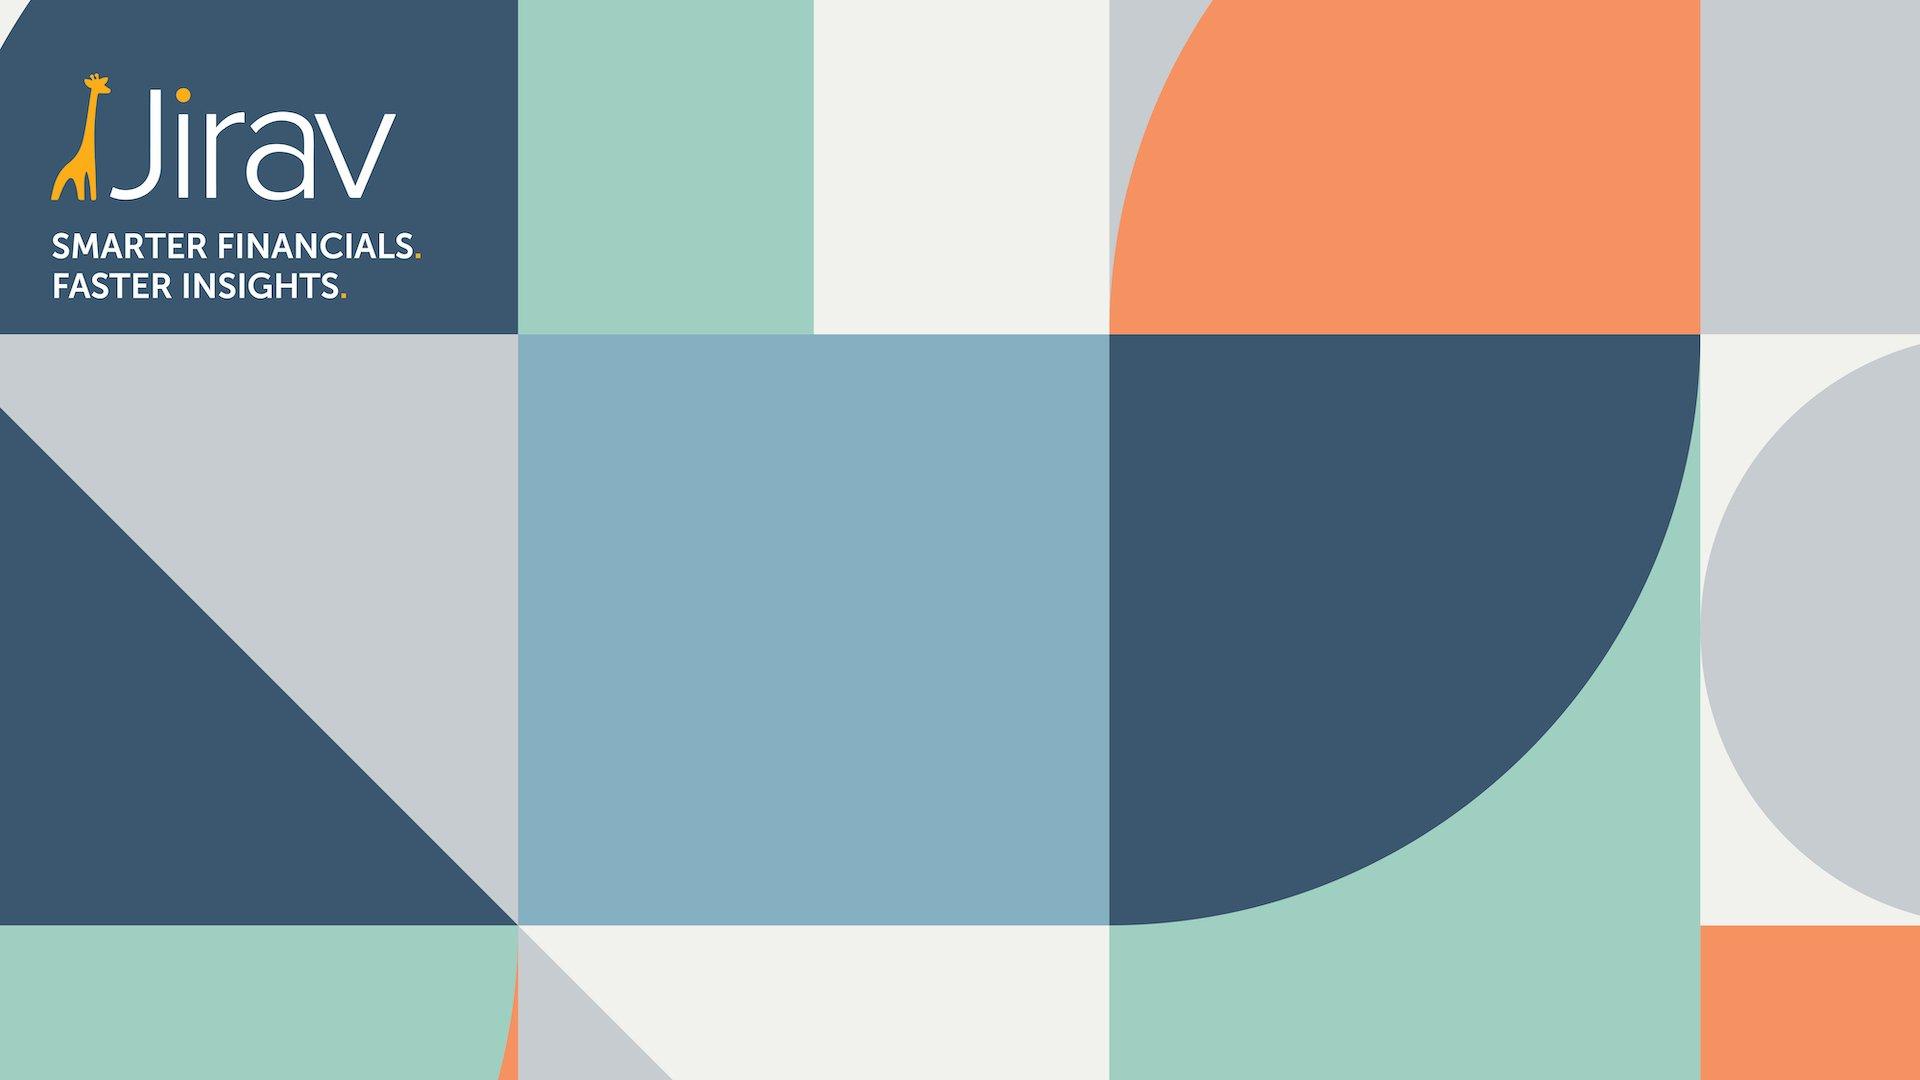 jirav palette